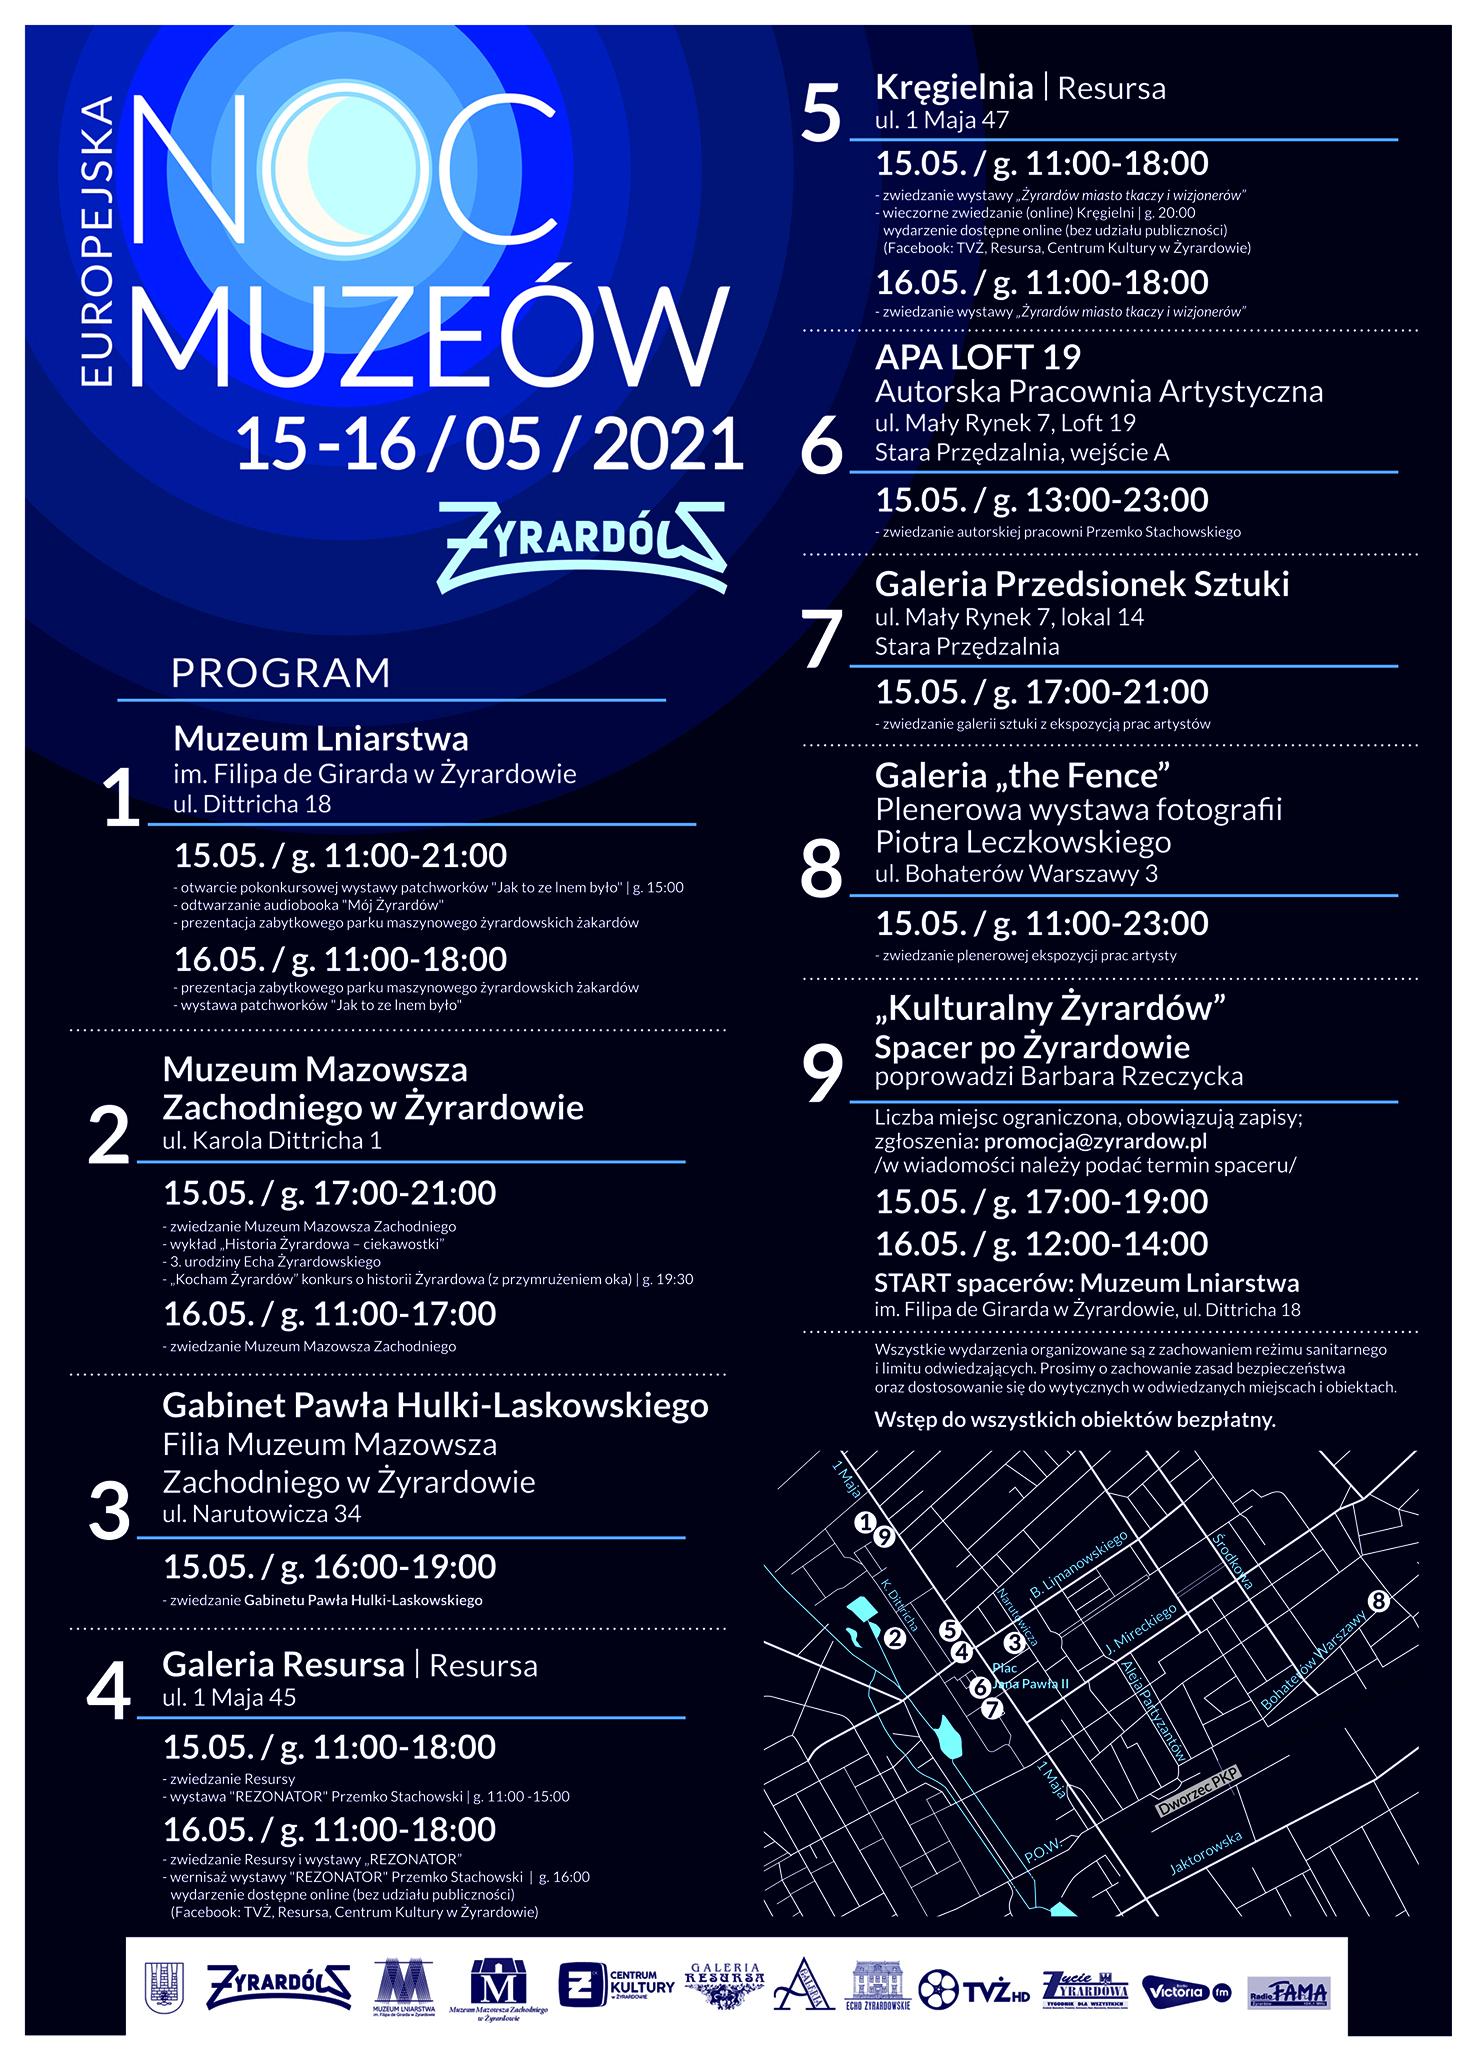 noc muzeów 2021 szczegółowy program